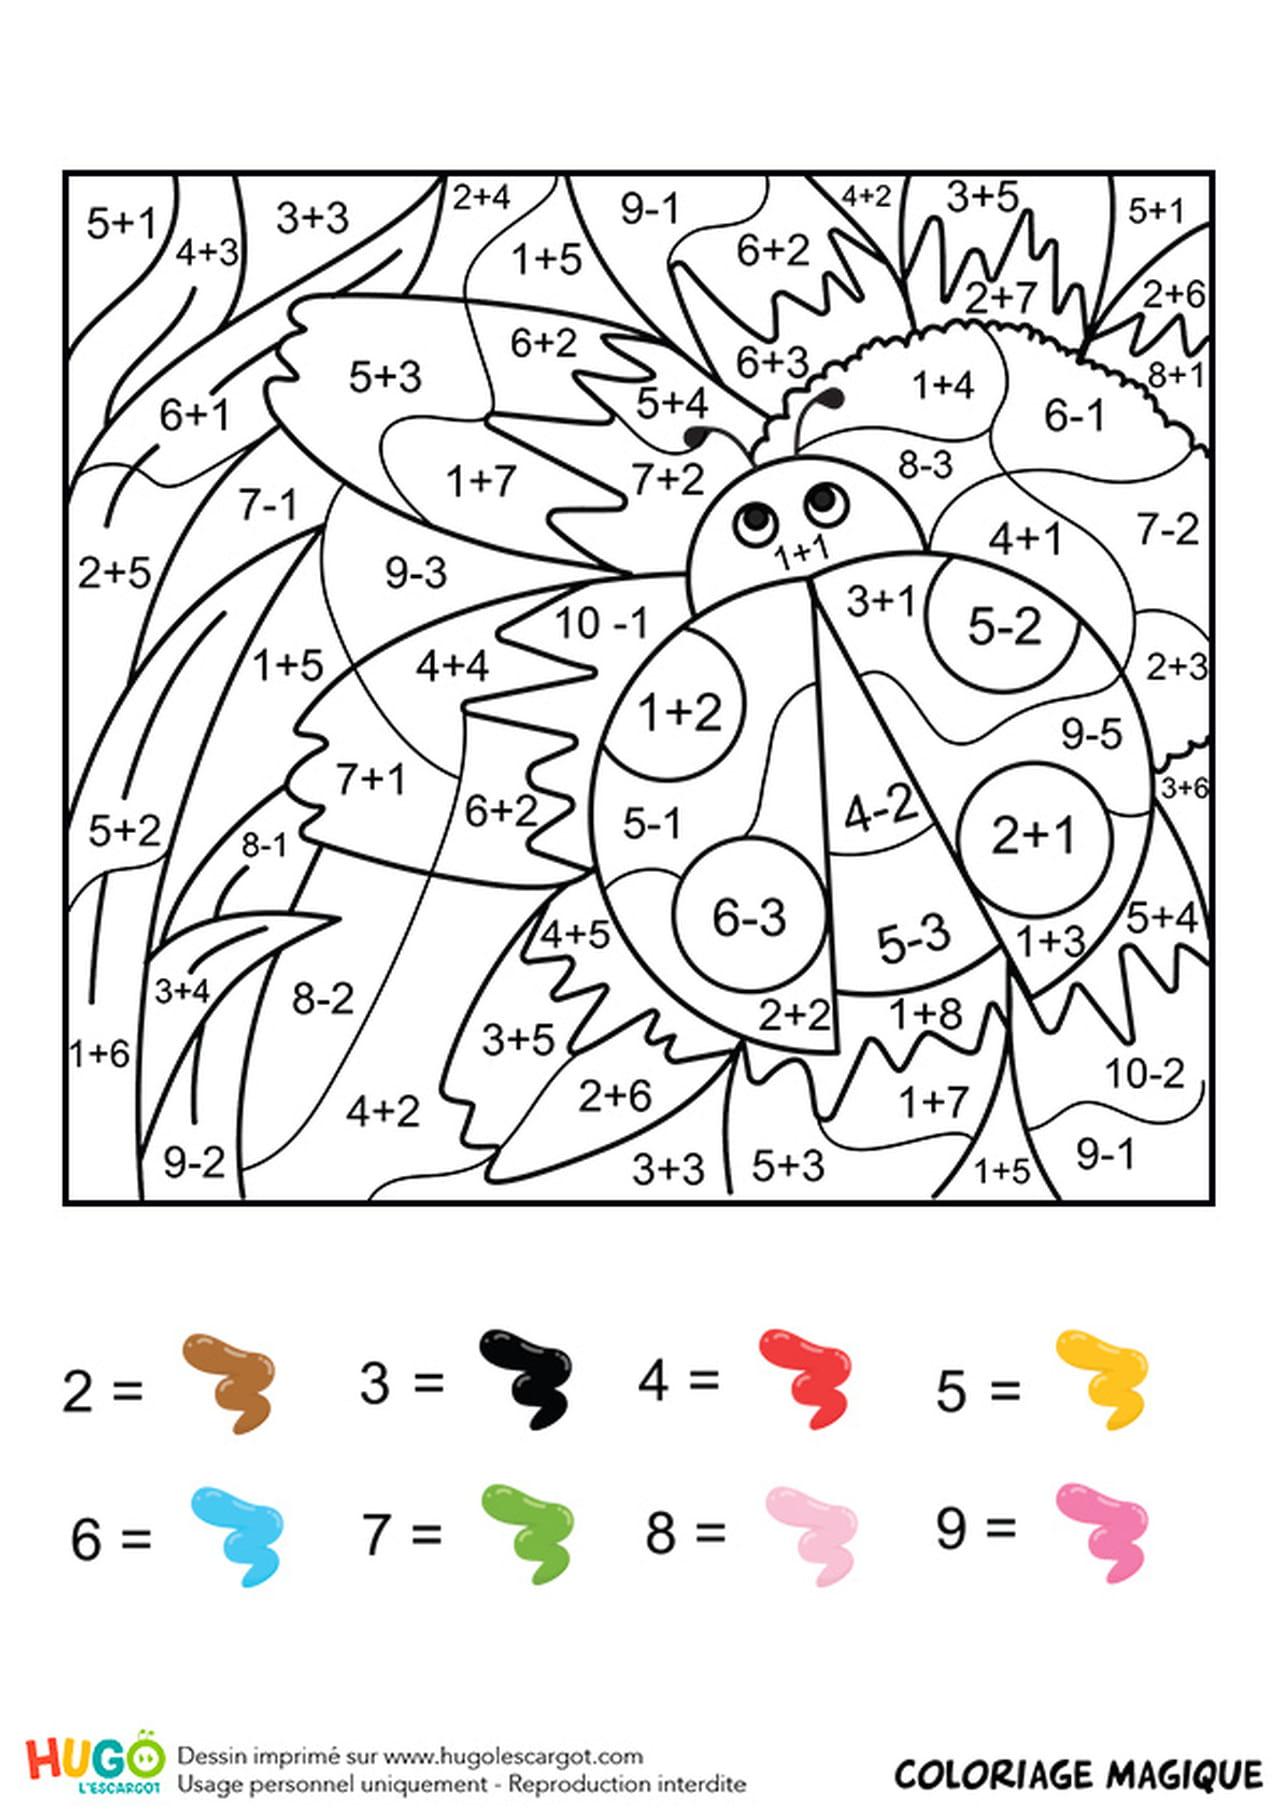 Coloriage Magique Insecte.Coloriage Magique Ce1 Une Coccinelle